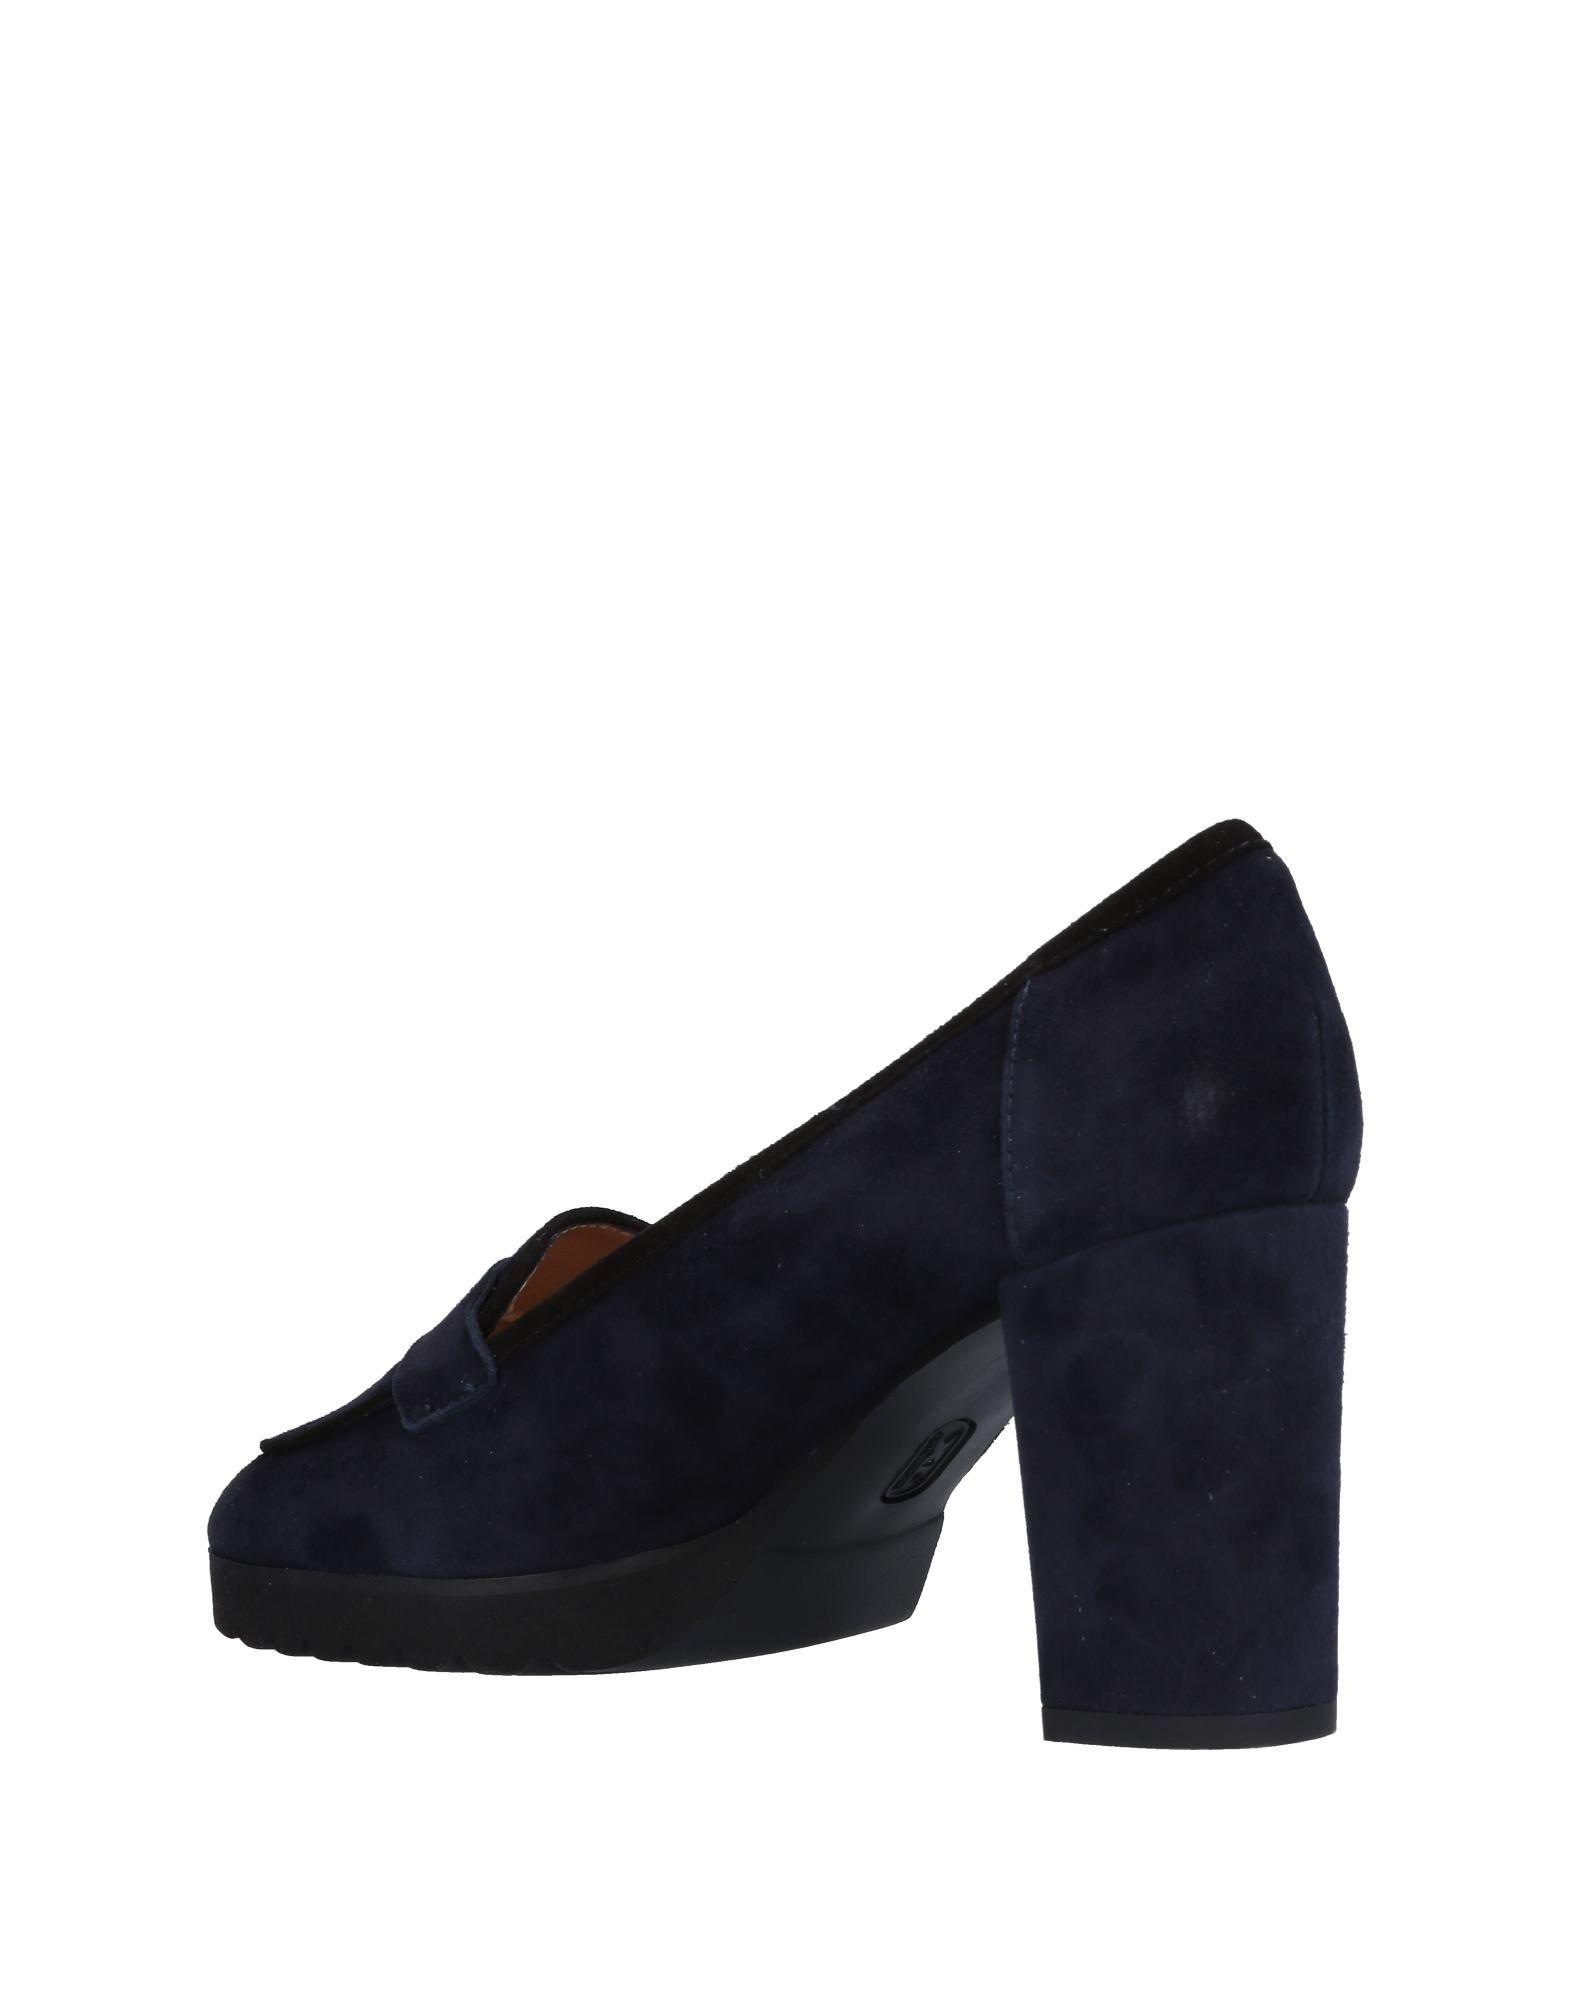 Stilvolle billige Schuhe Damen Il Borgo Firenze Mokassins Damen Schuhe  11500529QV d59a05